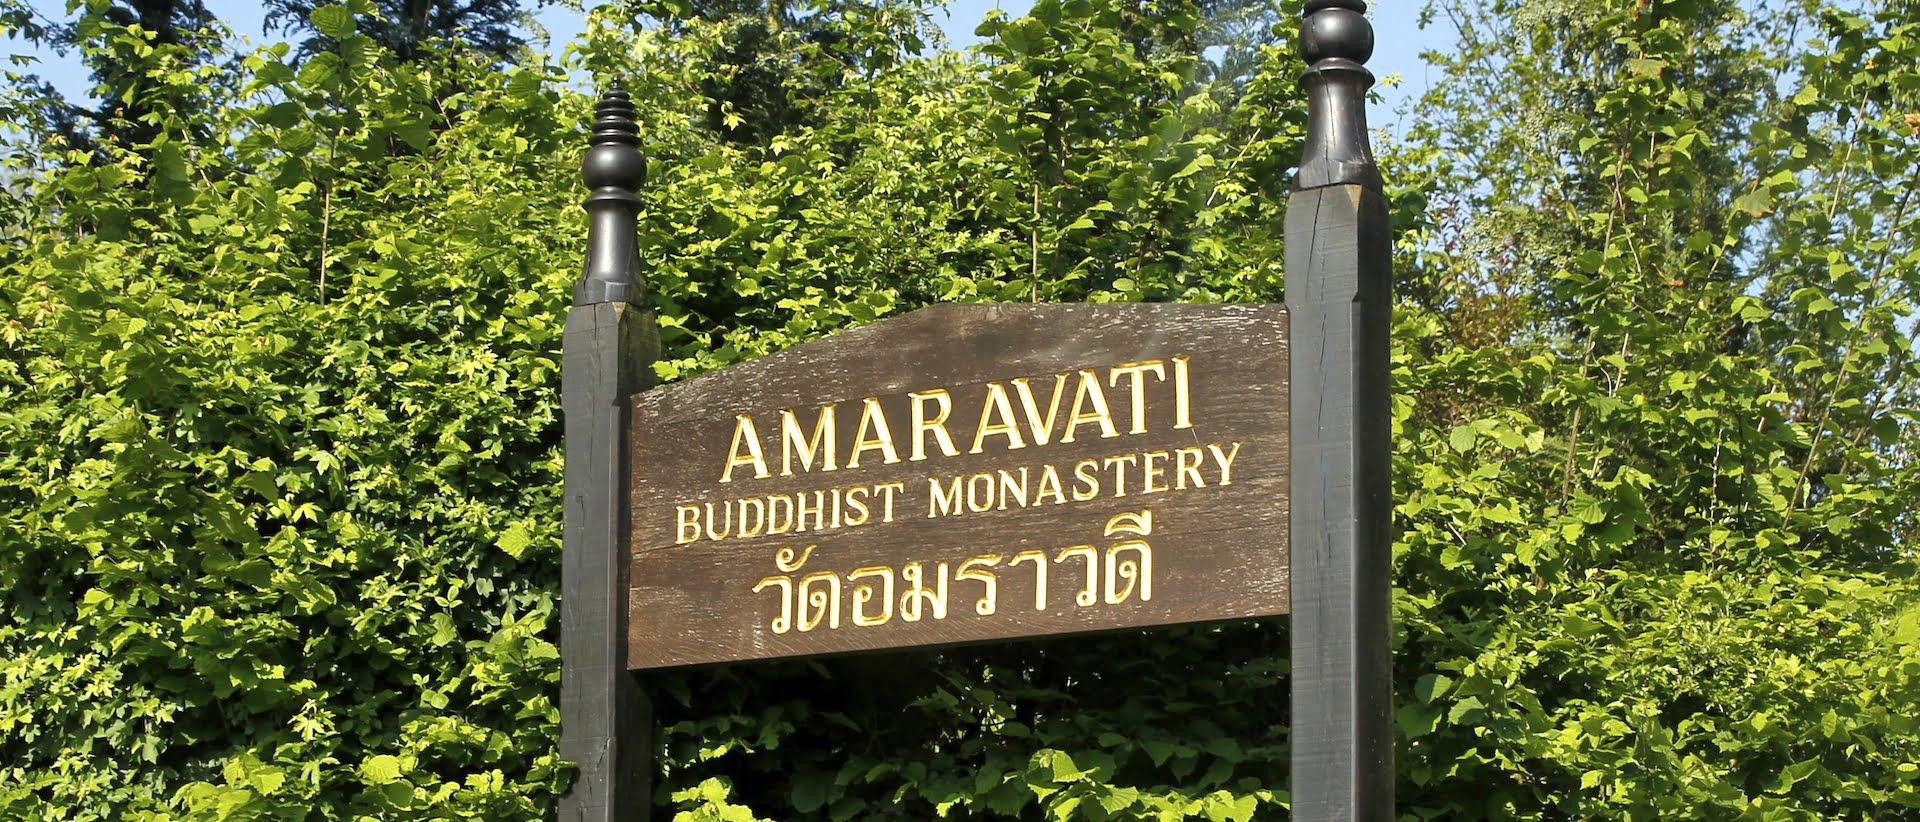 Amaravati Buddhist Monastery